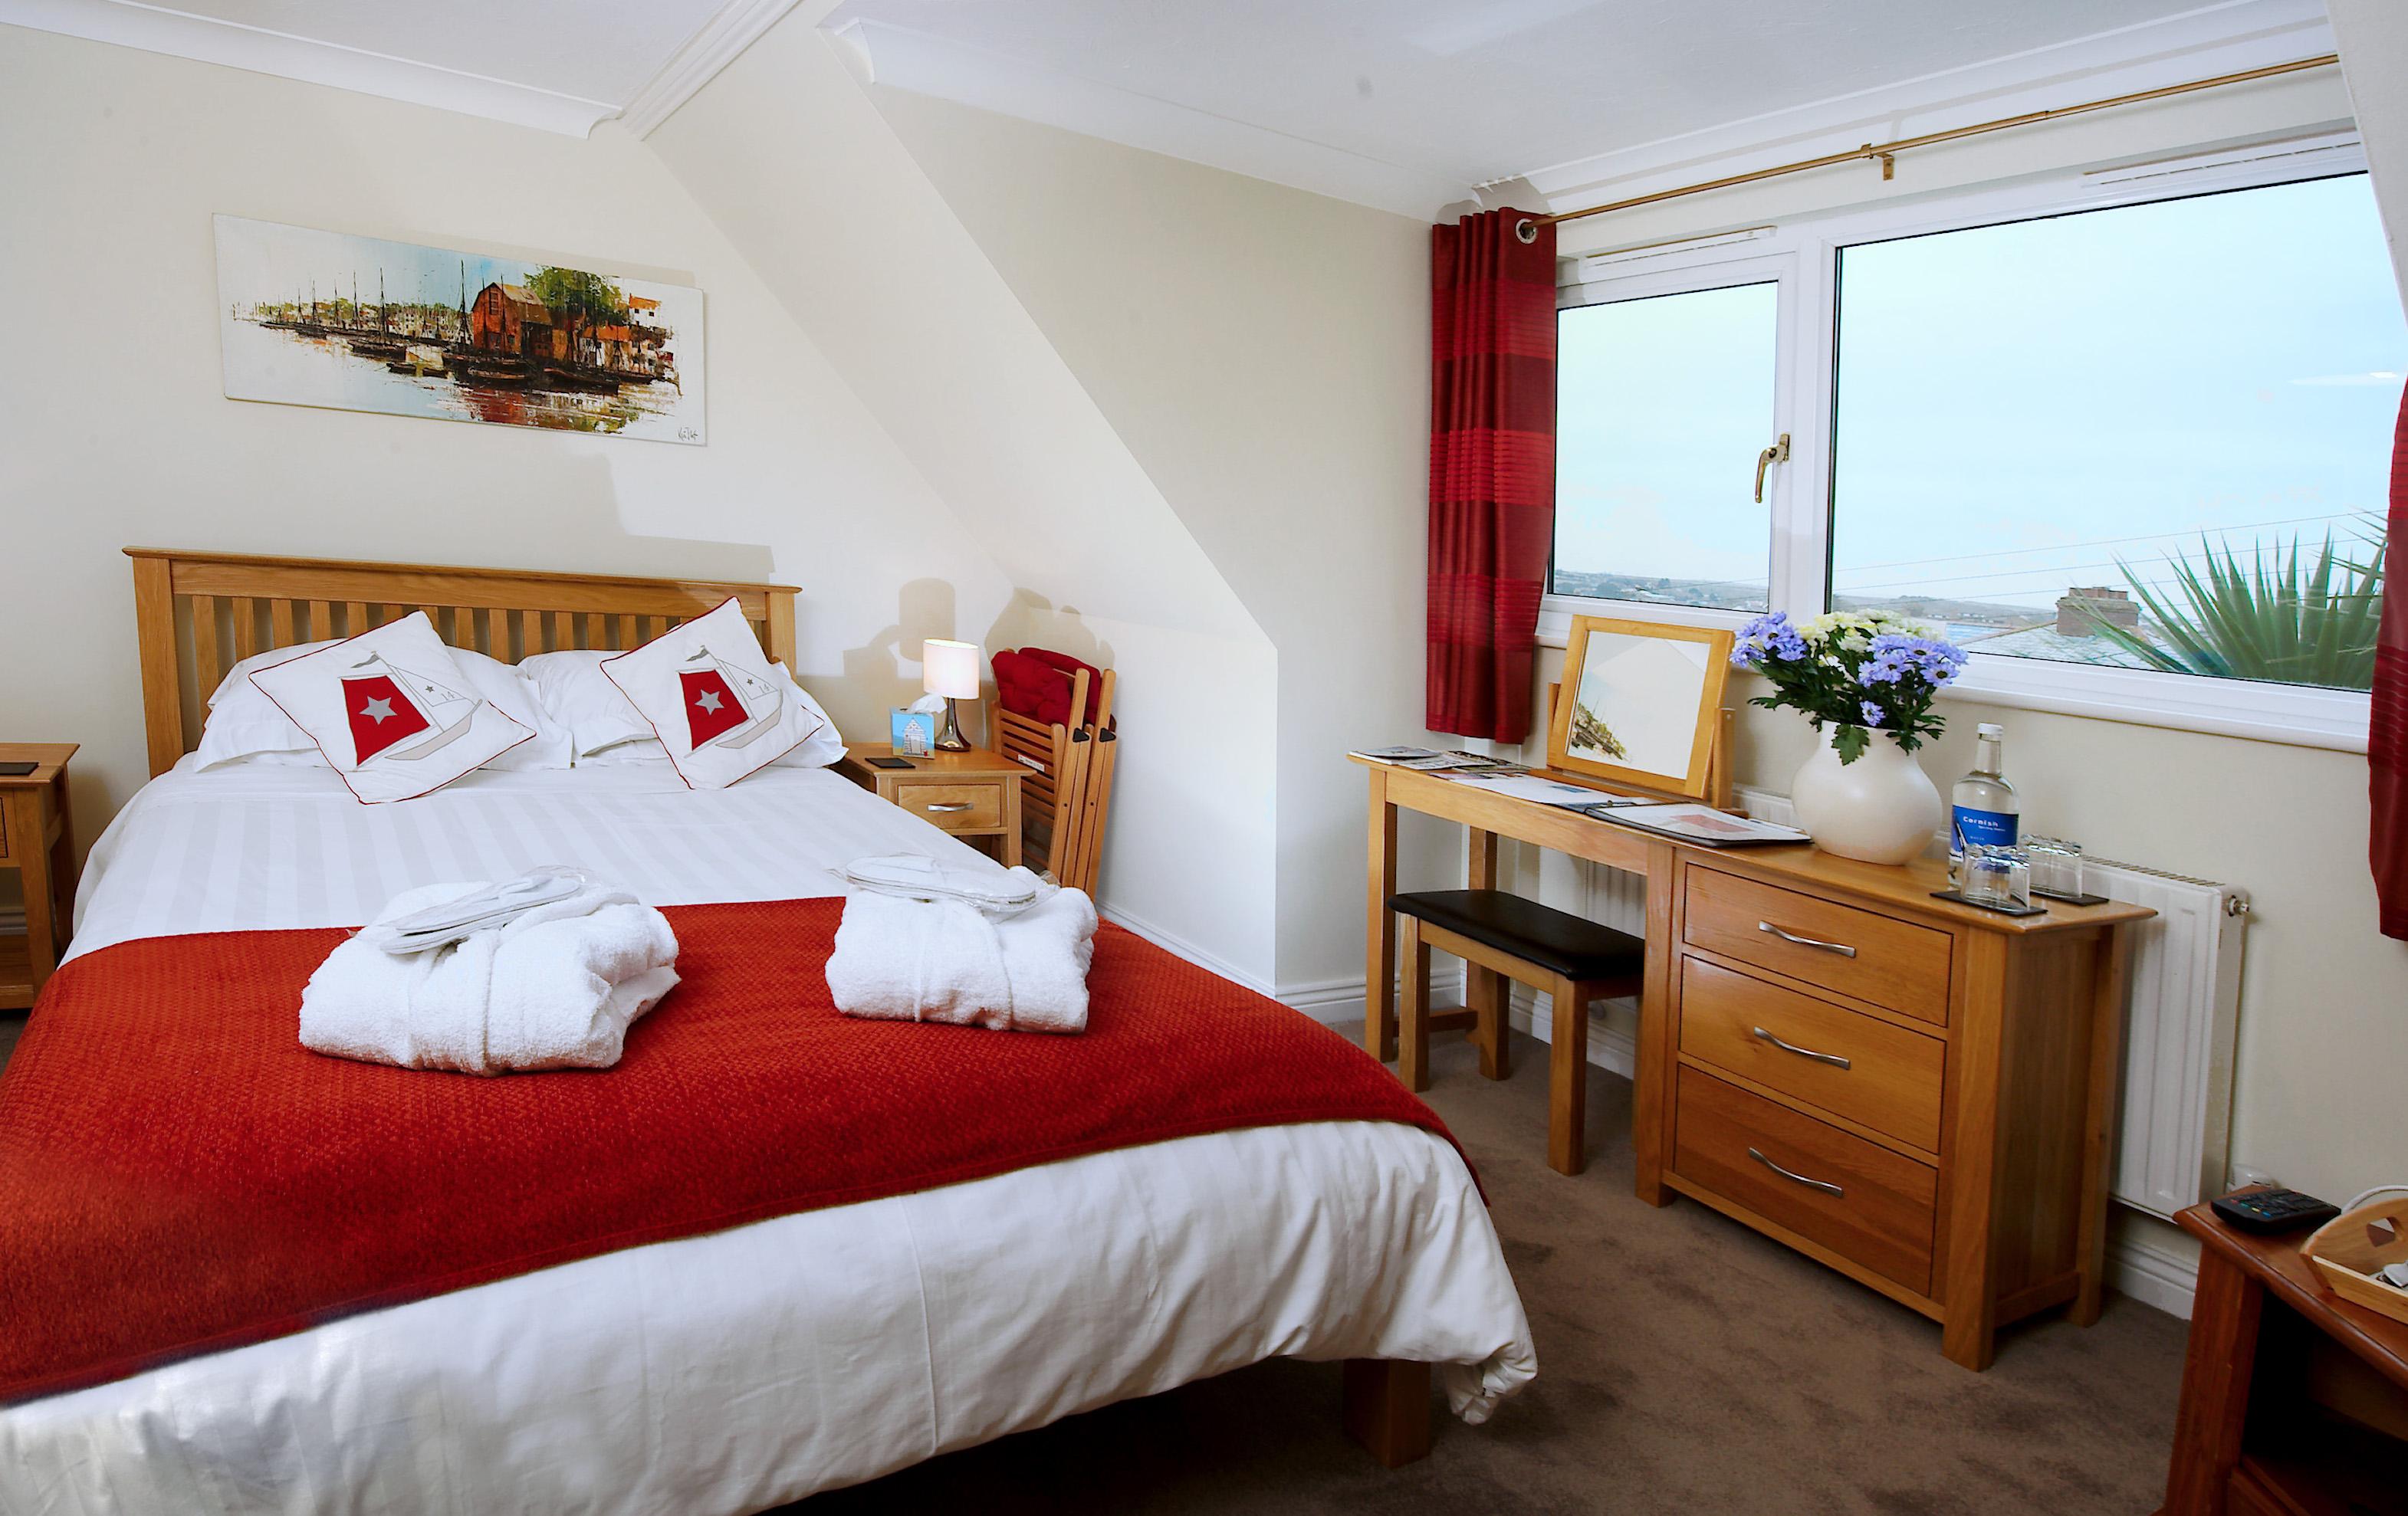 Wadebridge Bed and Breakfast